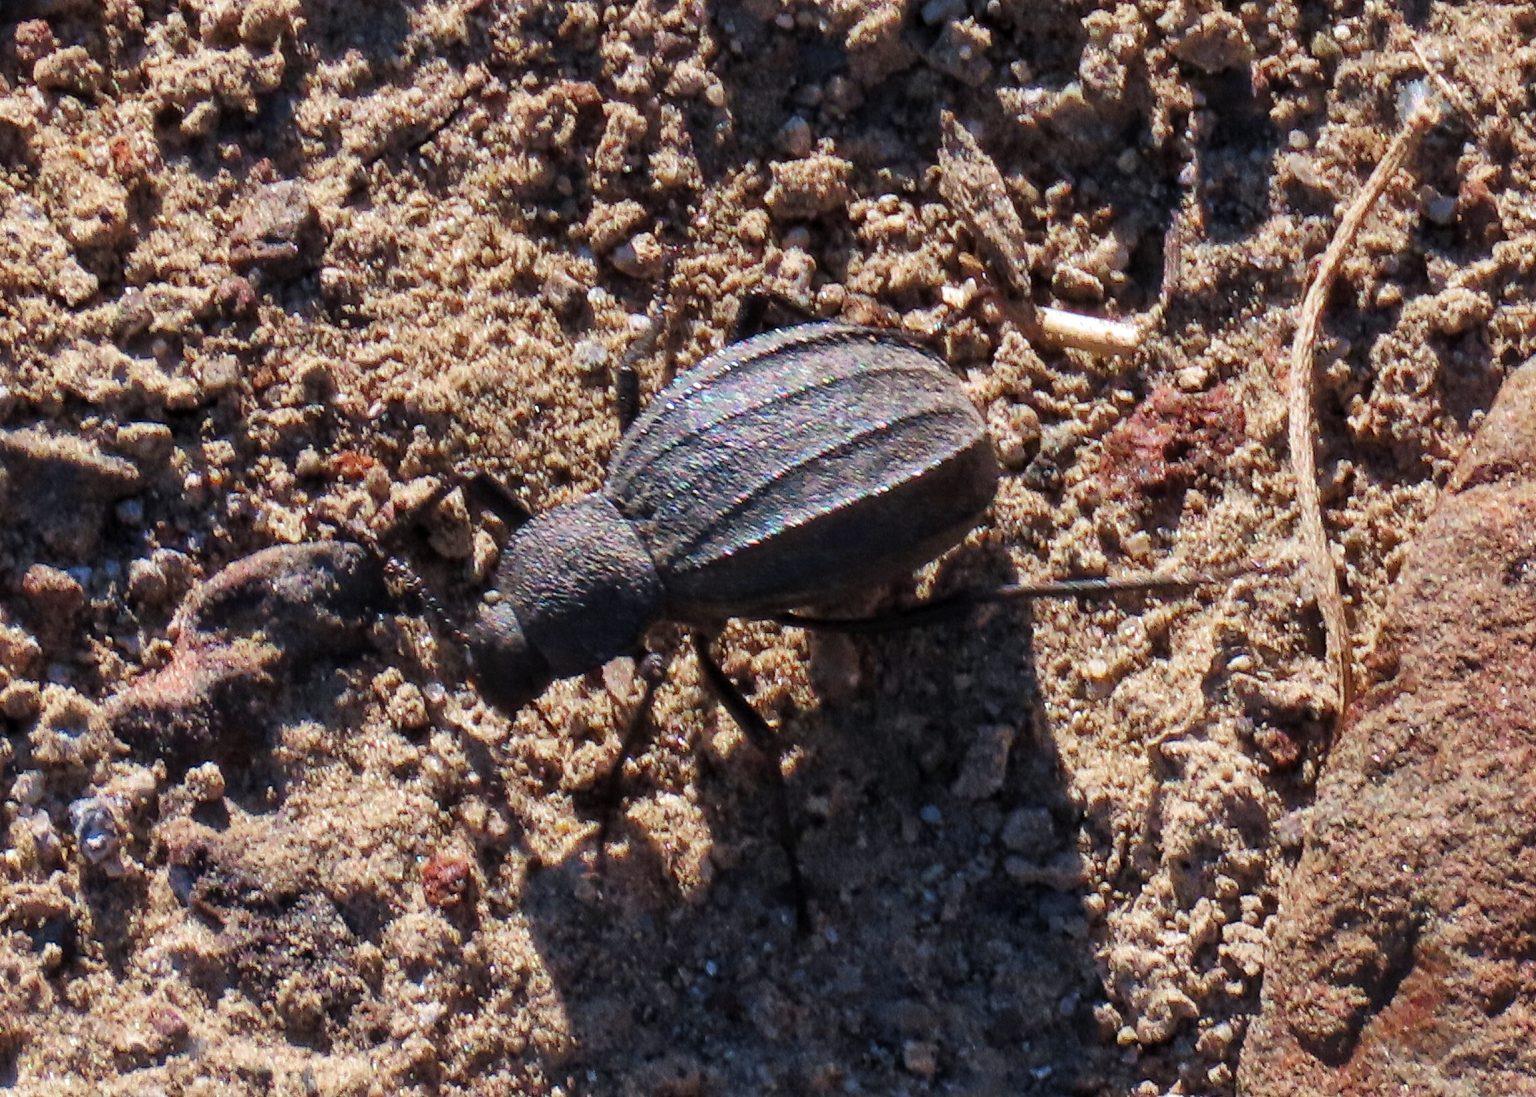 Philolithus densicollis